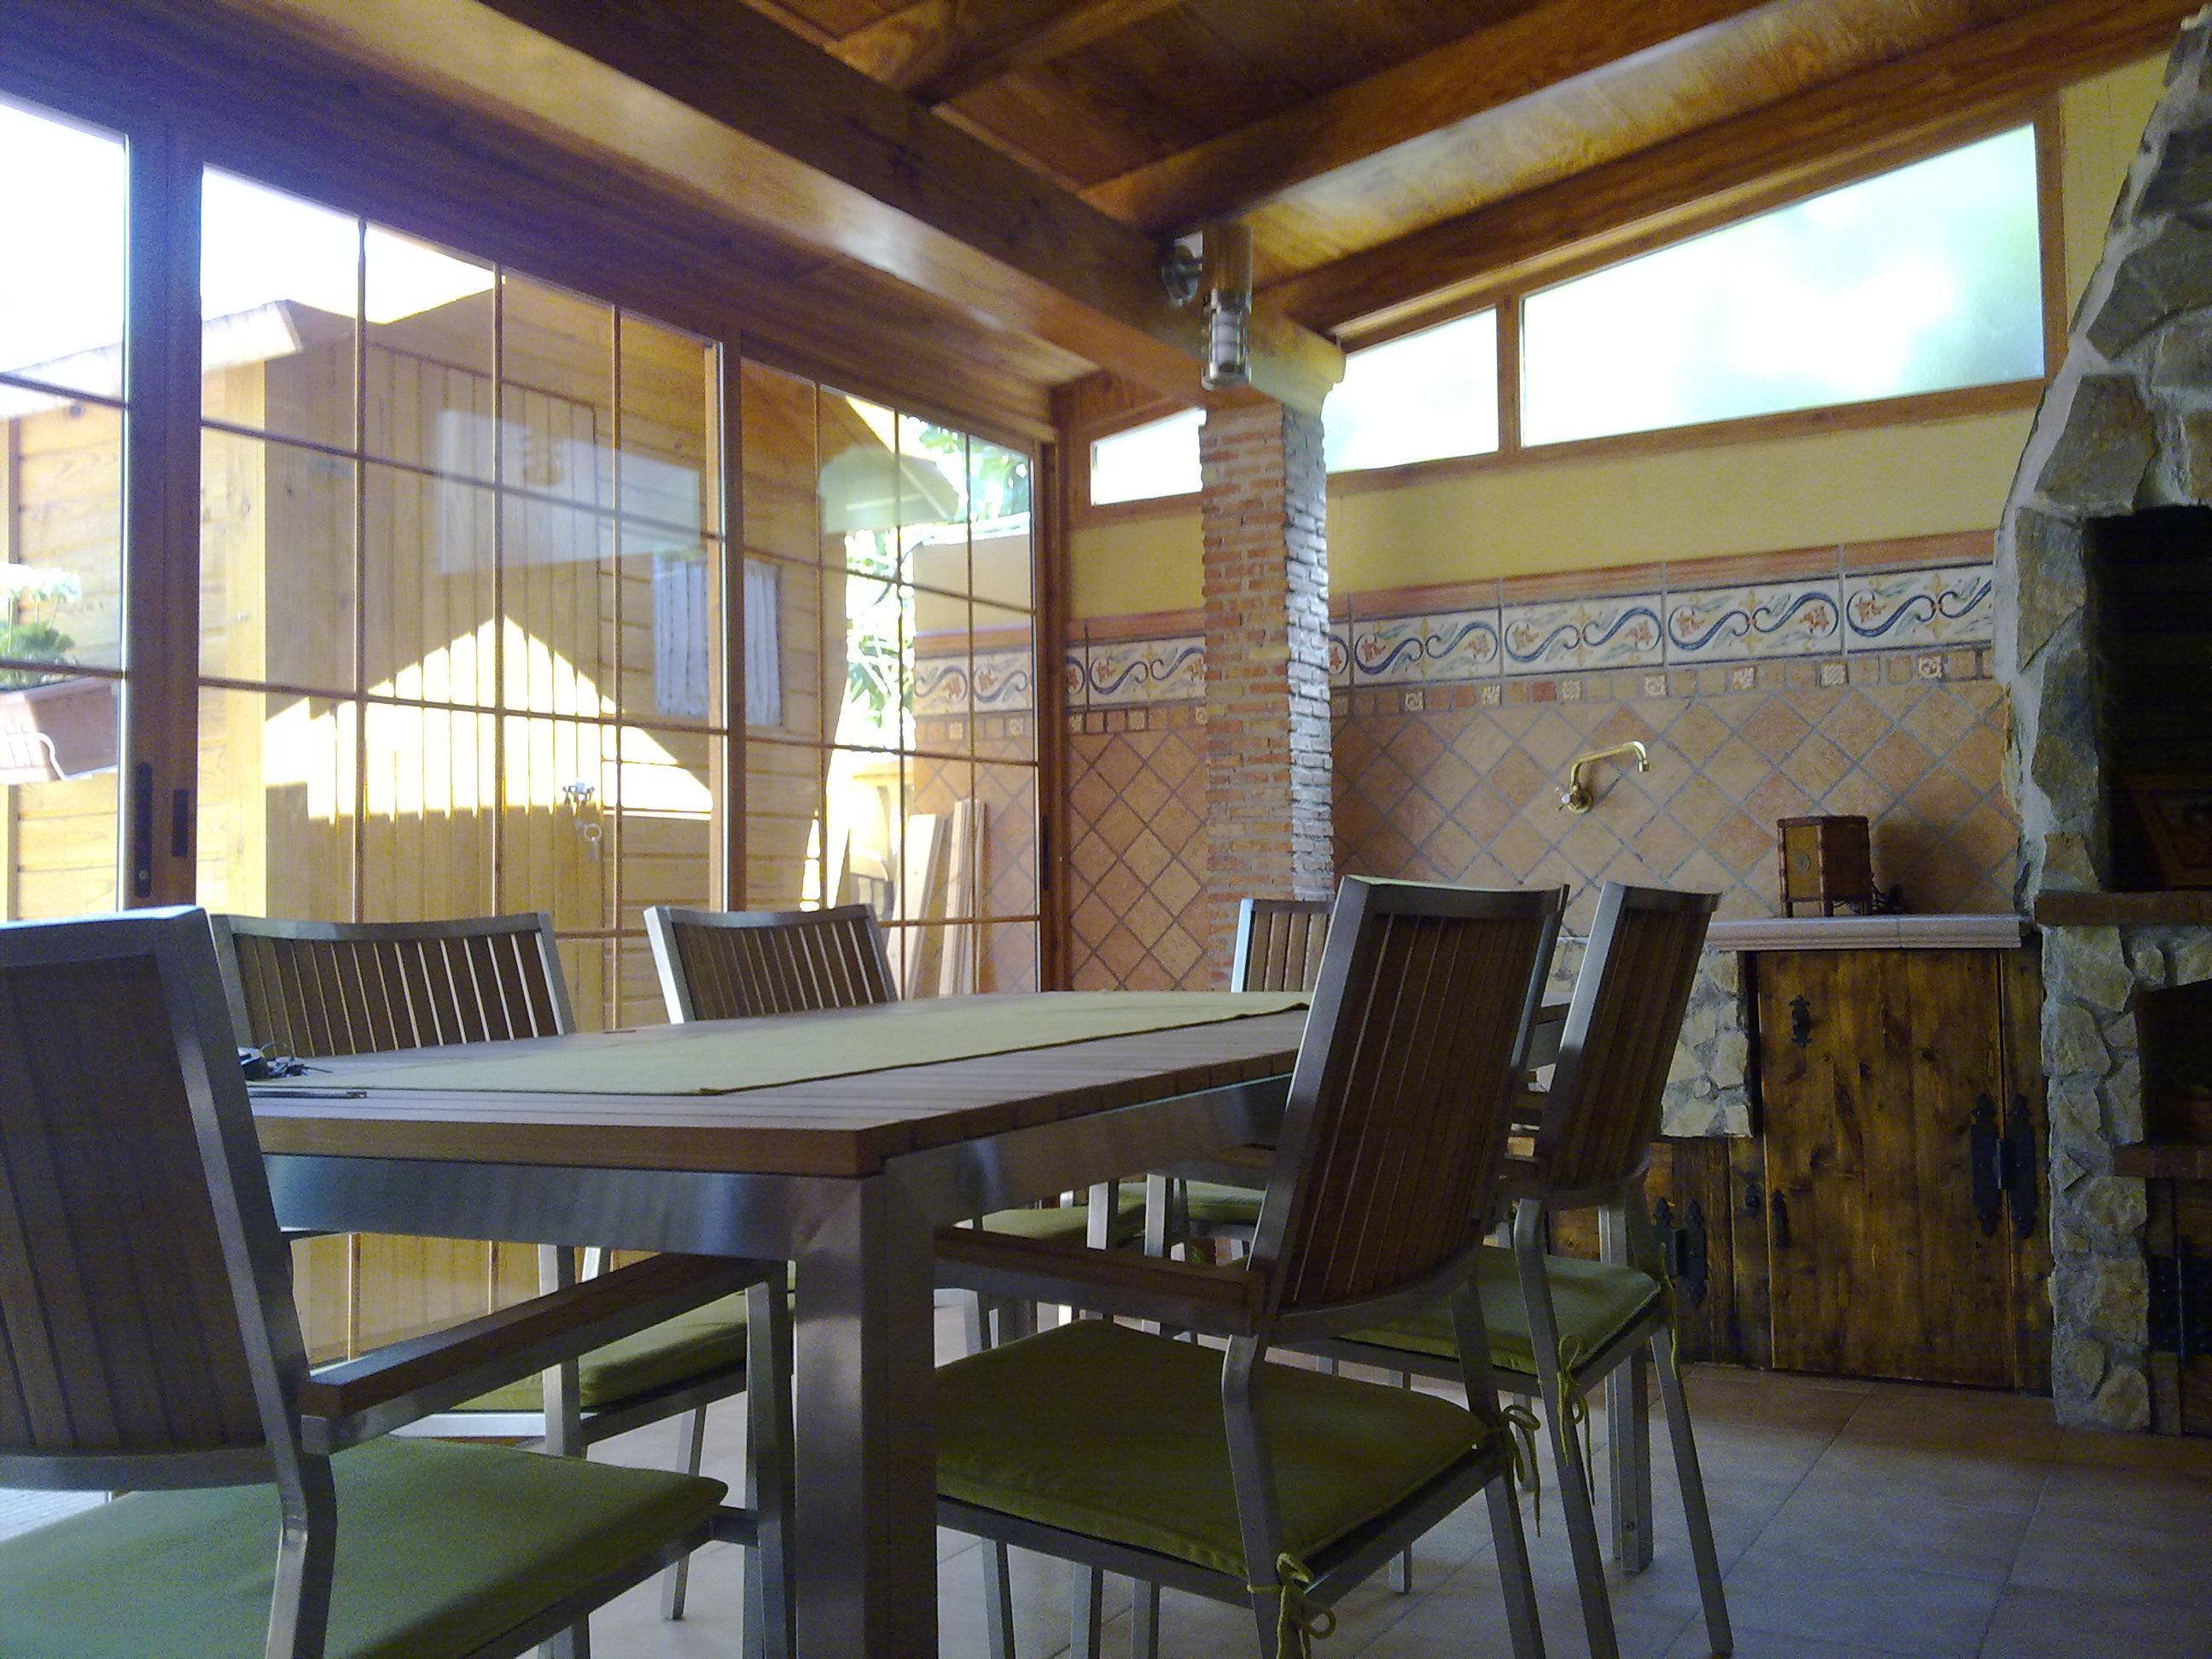 Foto 38 de Carpintería de aluminio, metálica y PVC en Villarreal | Jgmaluminio